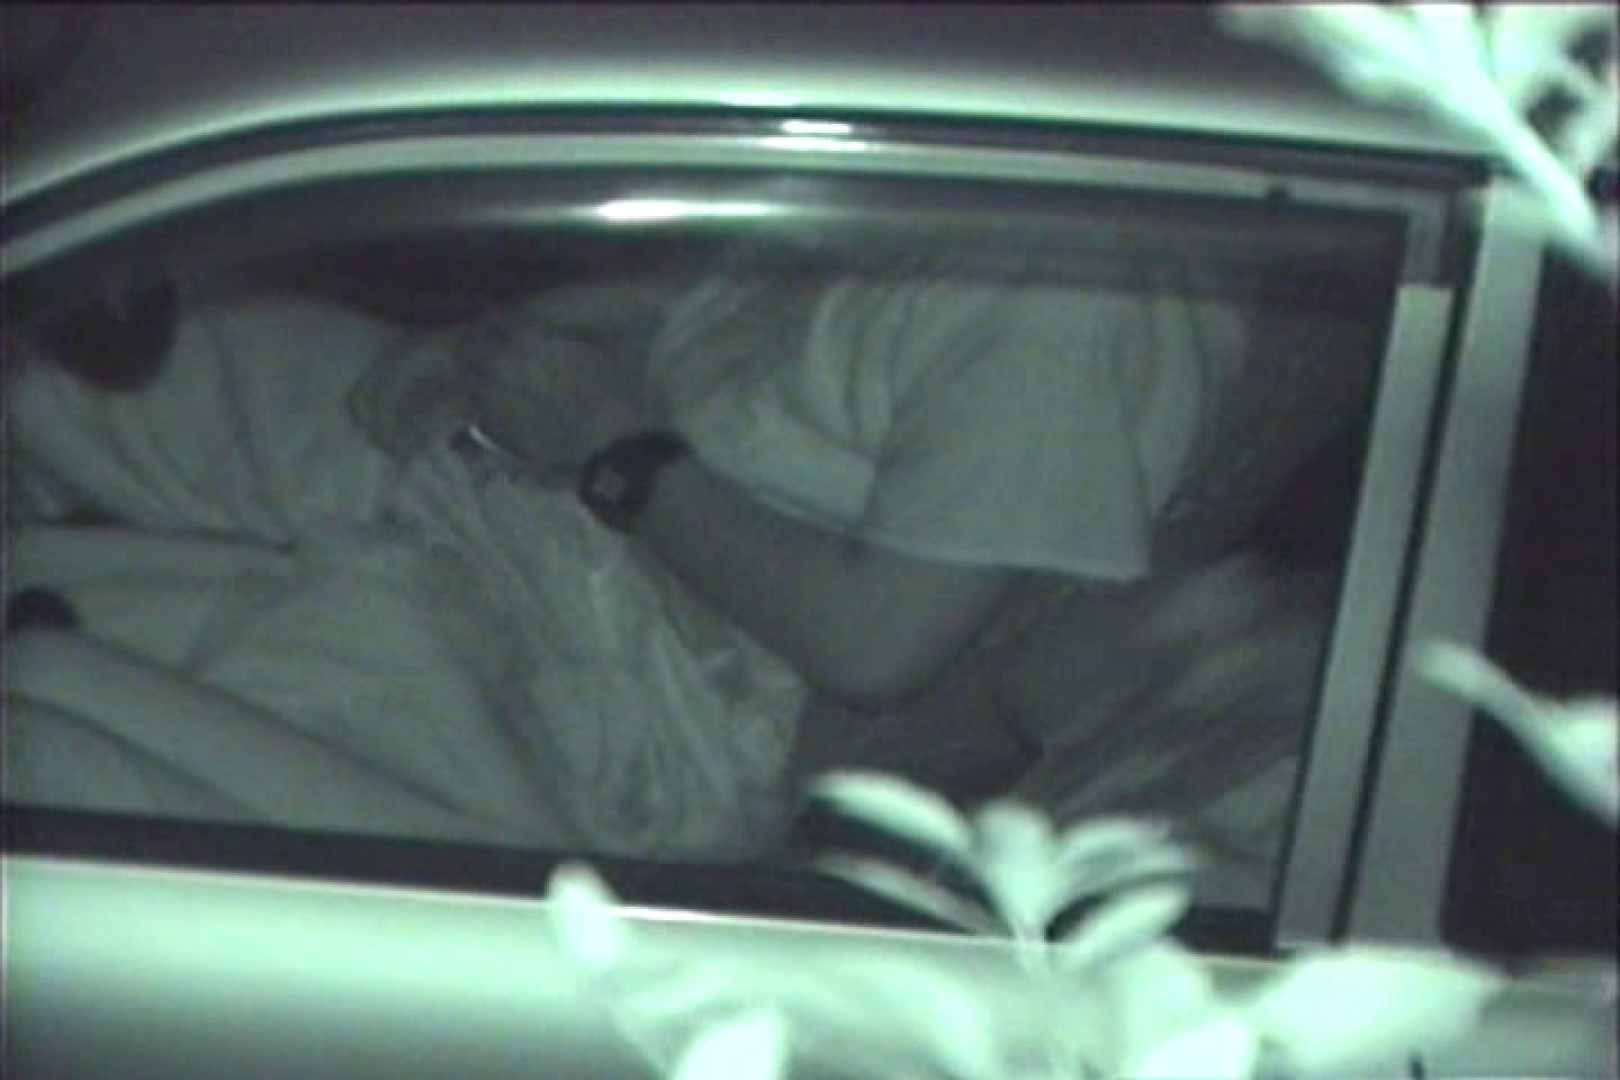 車の中はラブホテル 無修正版  Vol.18 セックス オマンコ動画キャプチャ 100pic 16